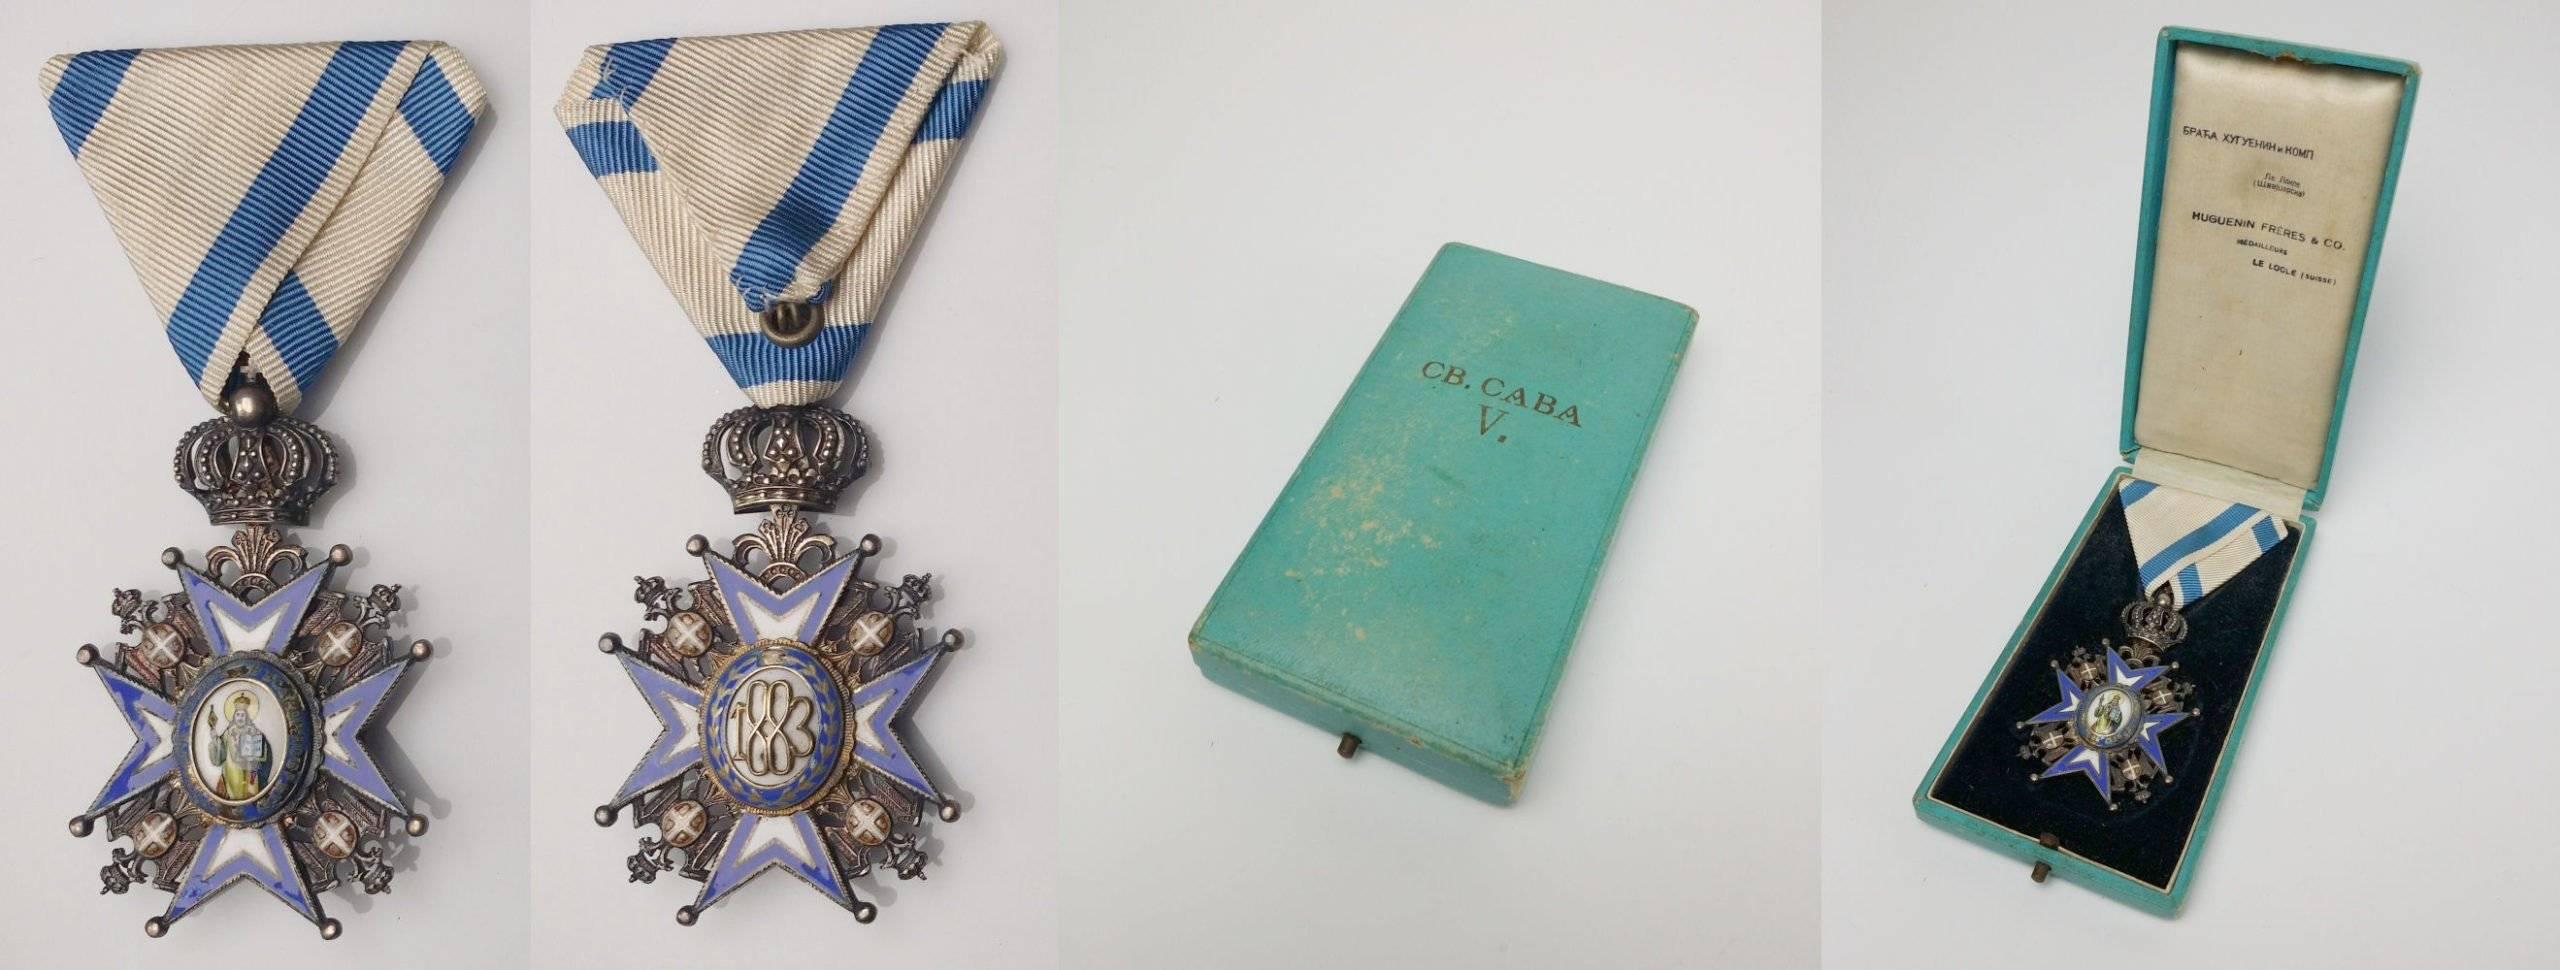 Otkup odlikovanja: Jugoslavensko / srpsko odlikovanje Orden Sv. Save